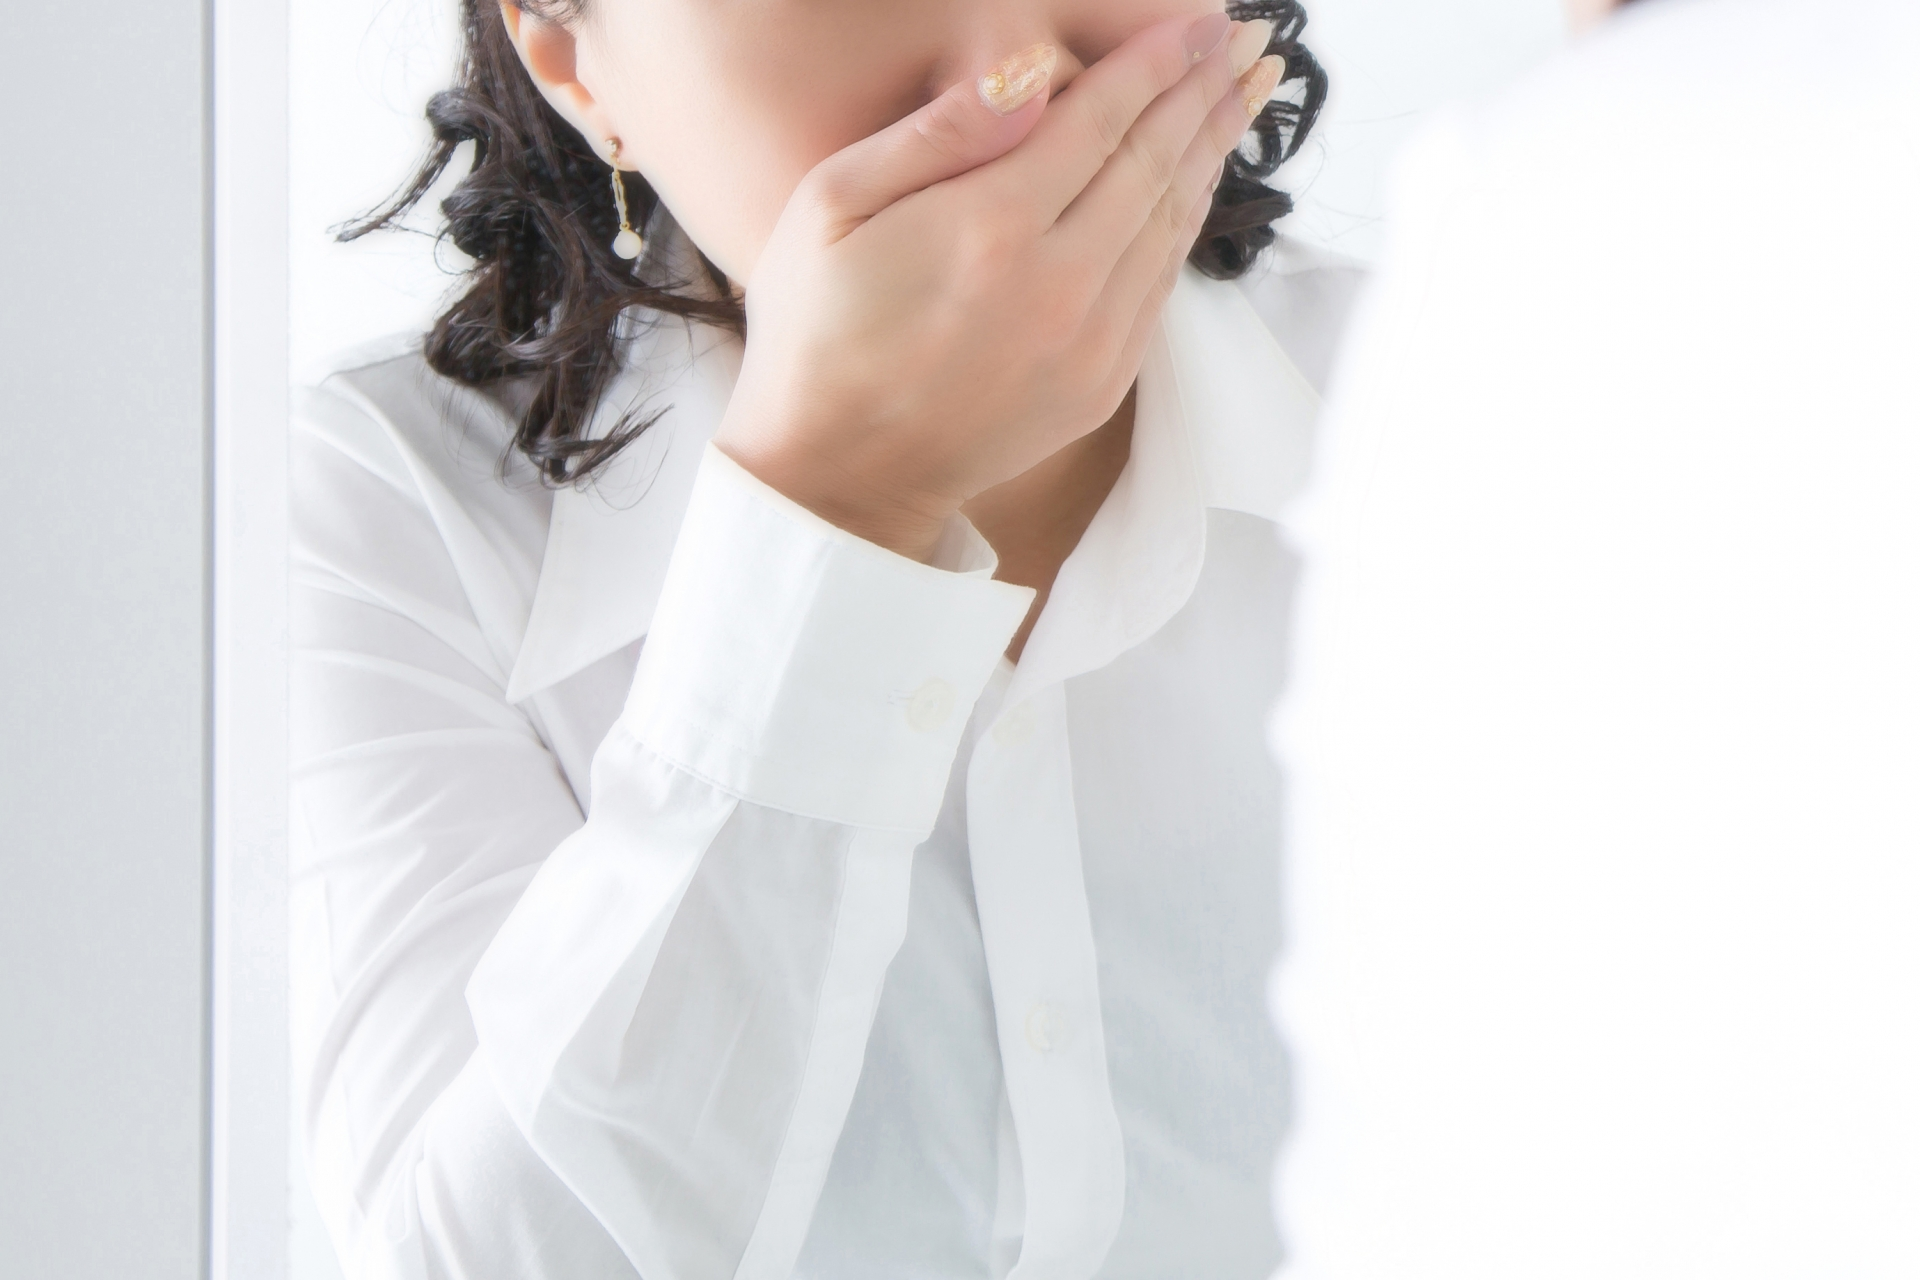 コーヒーの吐き気の原因とは?体の不調を示すサインと対処法。